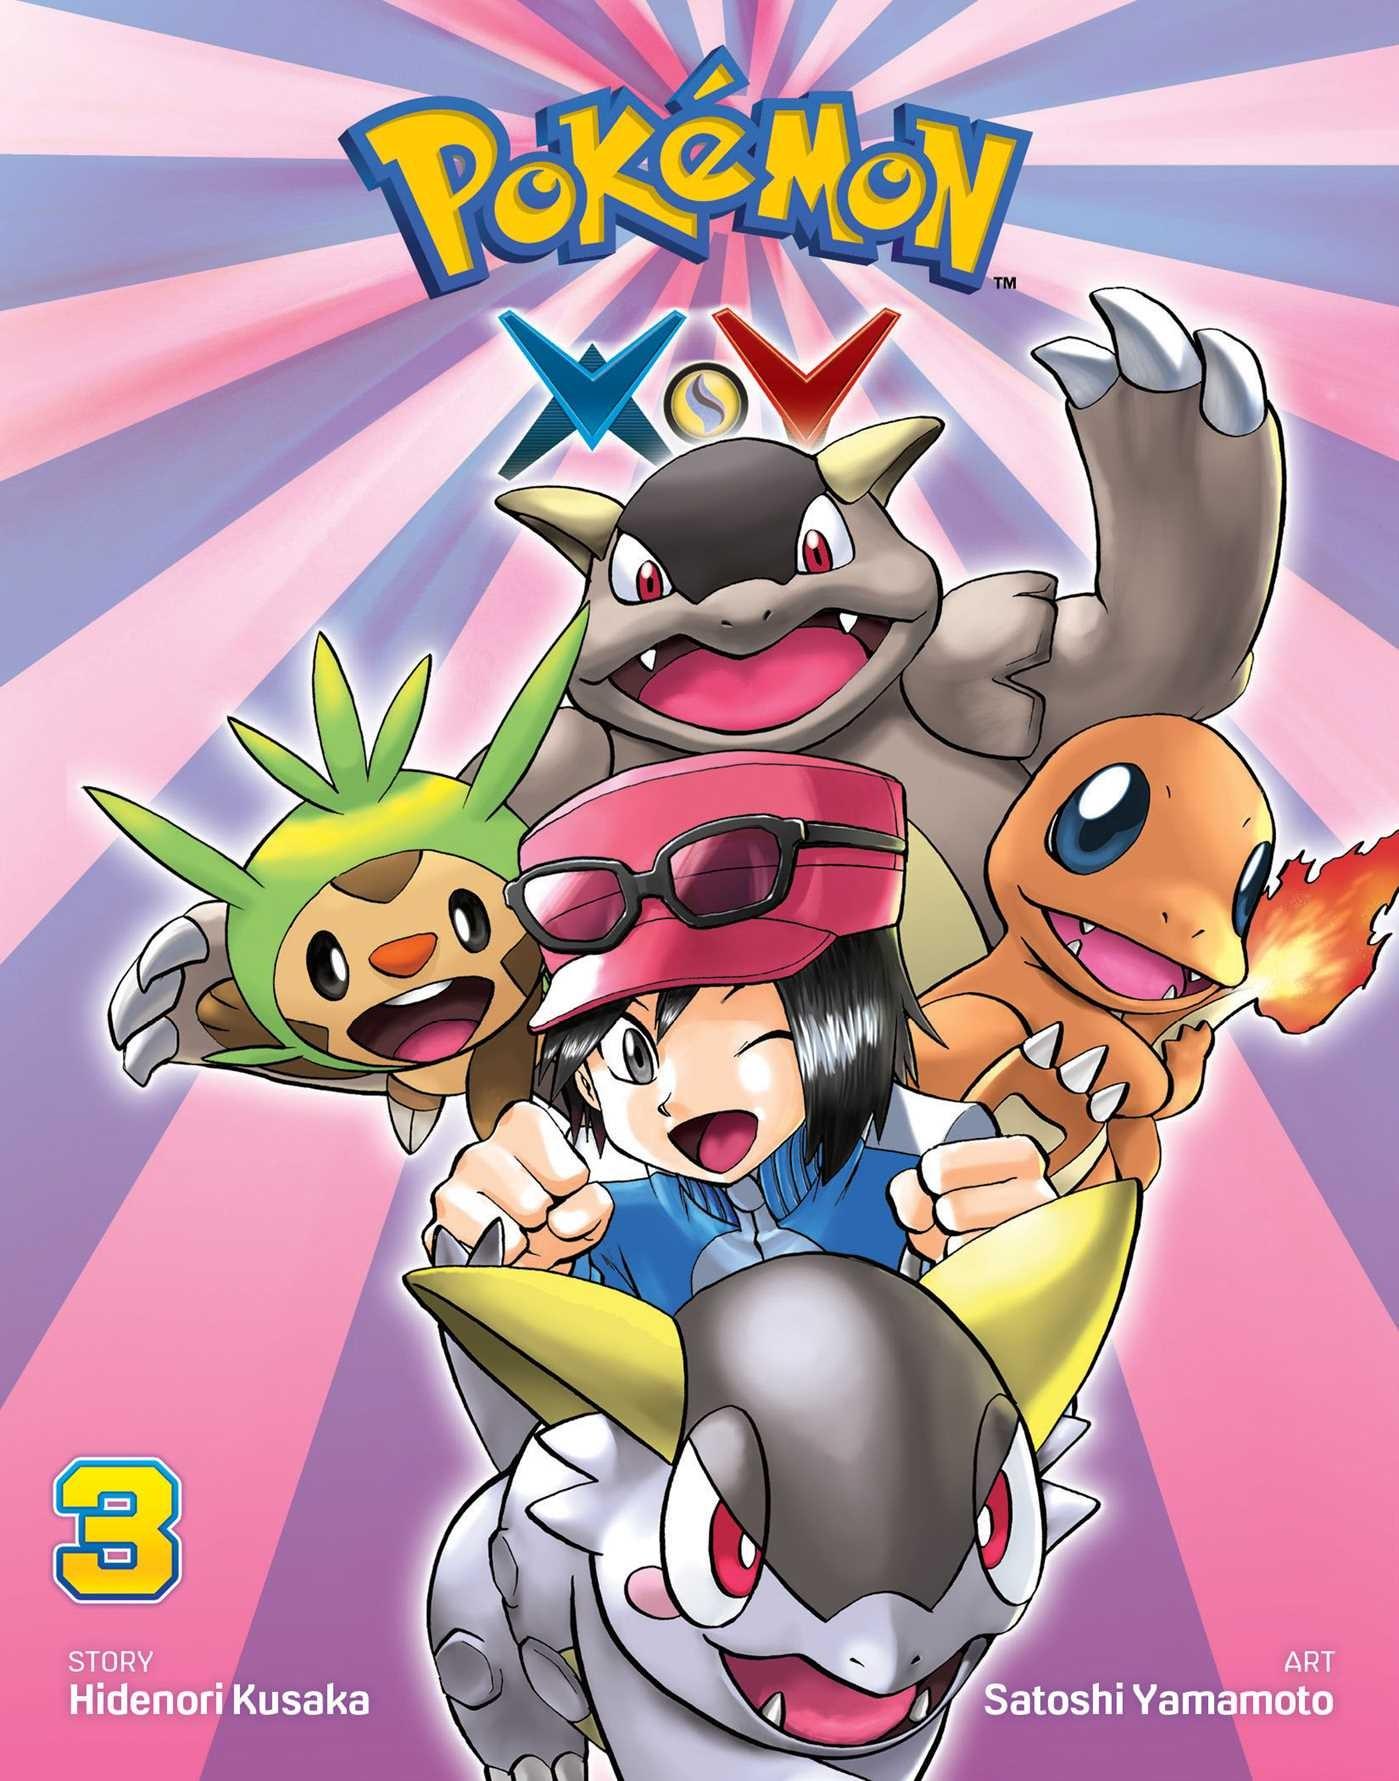 Pokémon X•Y Vol. 3 by Hidenori Kusaka